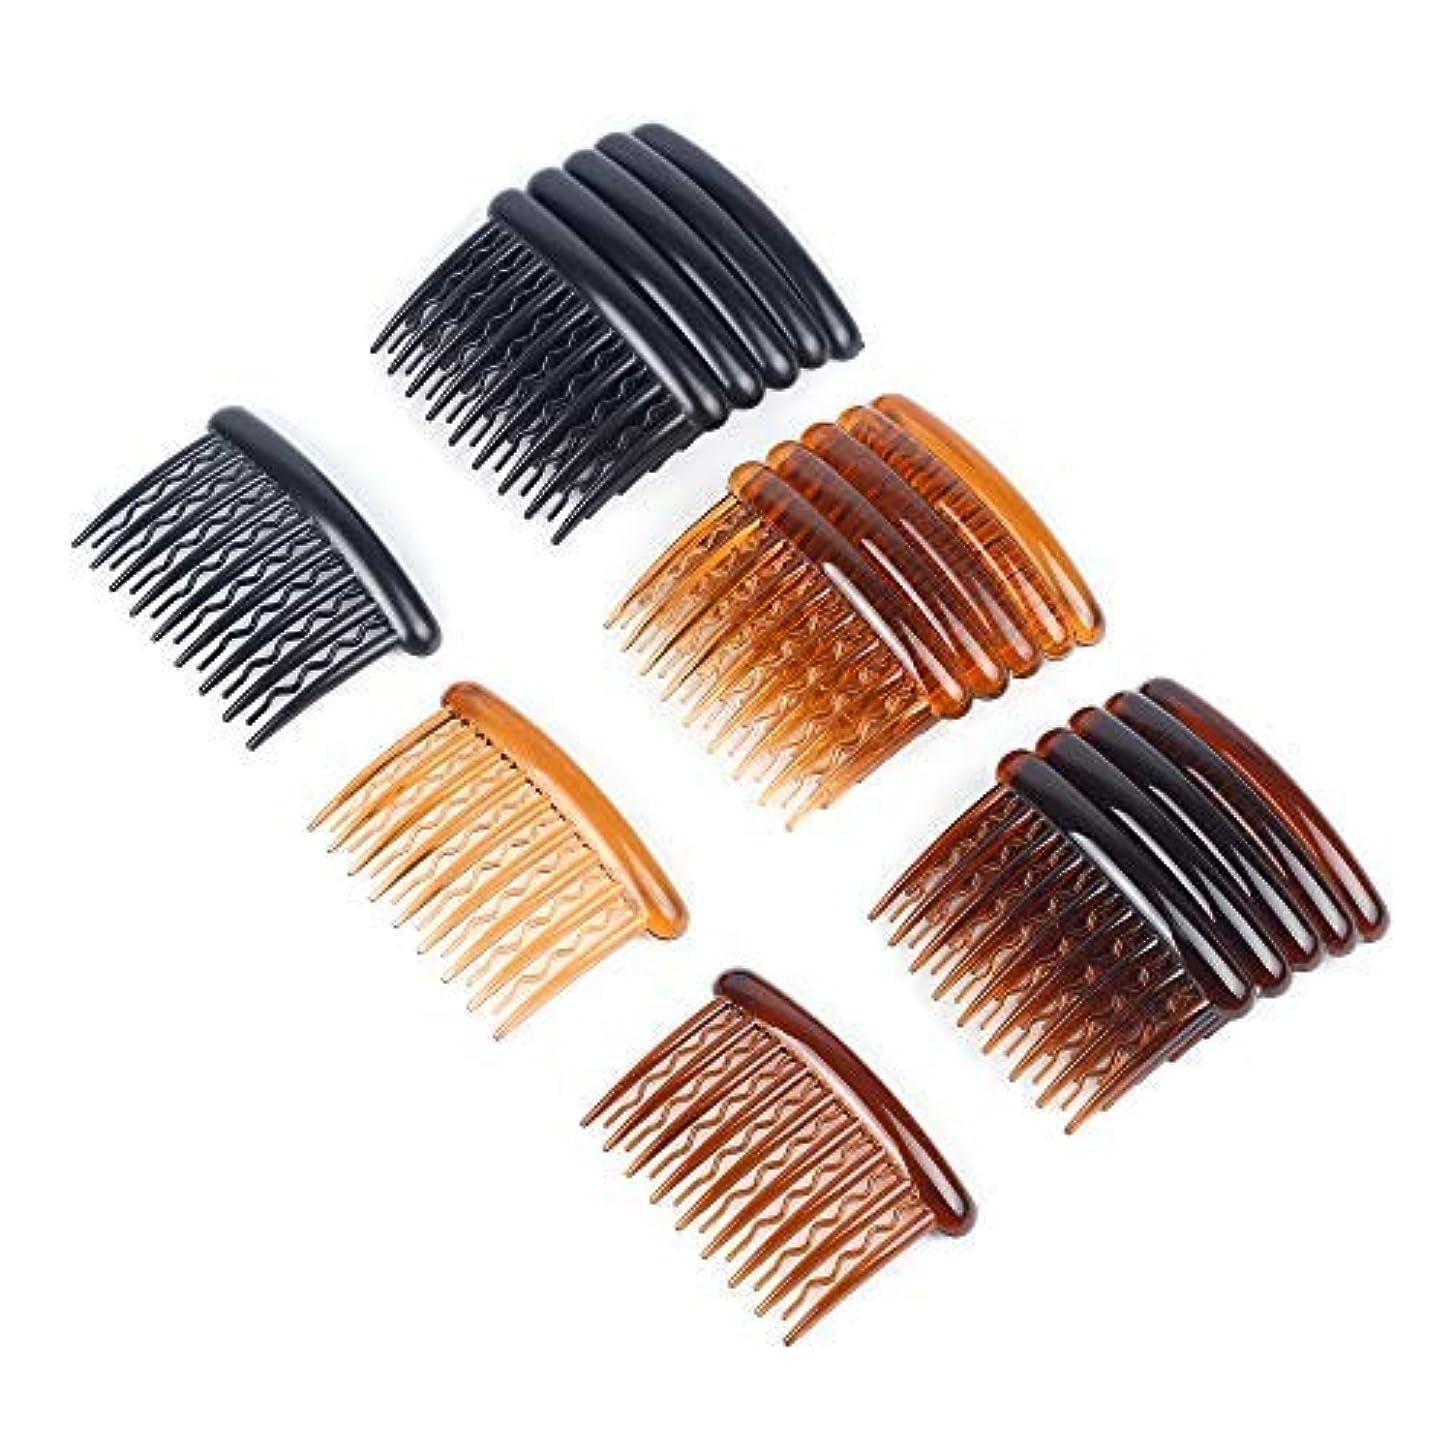 トーン読書をする矢WBCBEC 18 Pieces Plastic Teeth Hair Combs Tortoise Side Comb Hair Accessories for Fine Hair [並行輸入品]